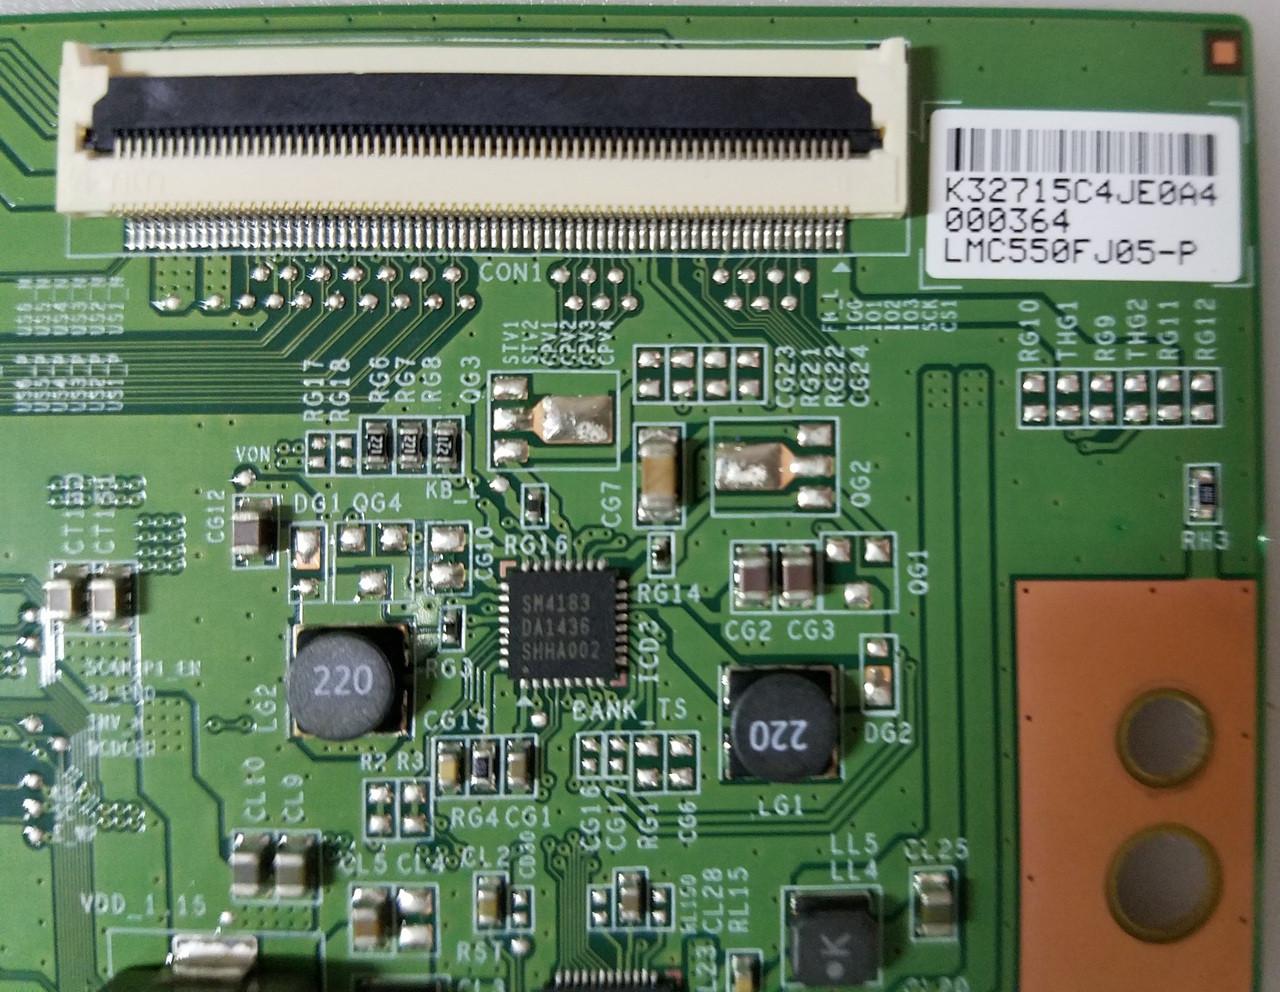 PANASONIC, TC-55CX650U, T-CON BOARD, LJ94-32715C, 15YA2FU13TSTLTG2_V0.0